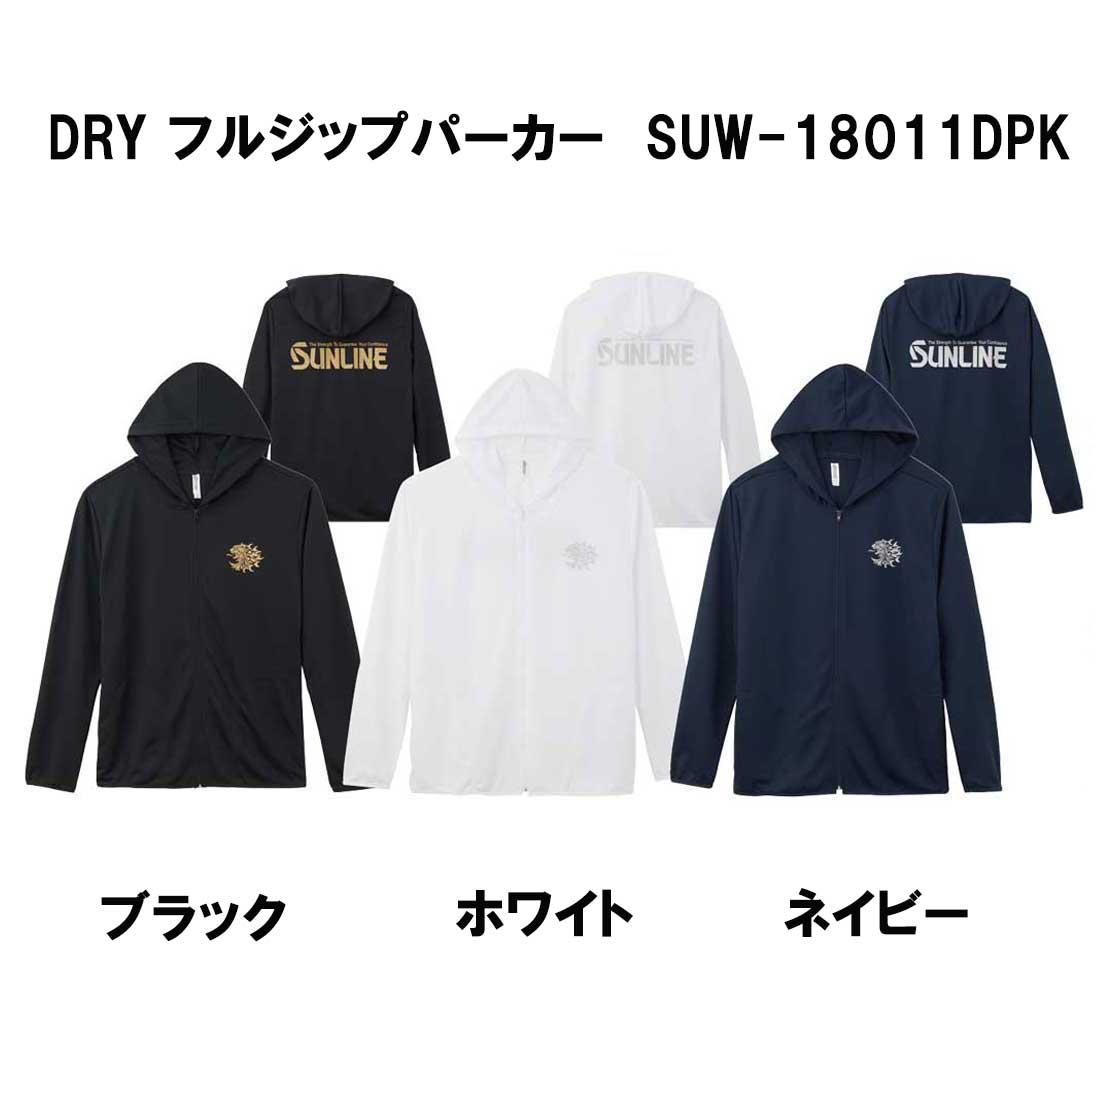 DRYフルジップパーカー SUW−18011DPK